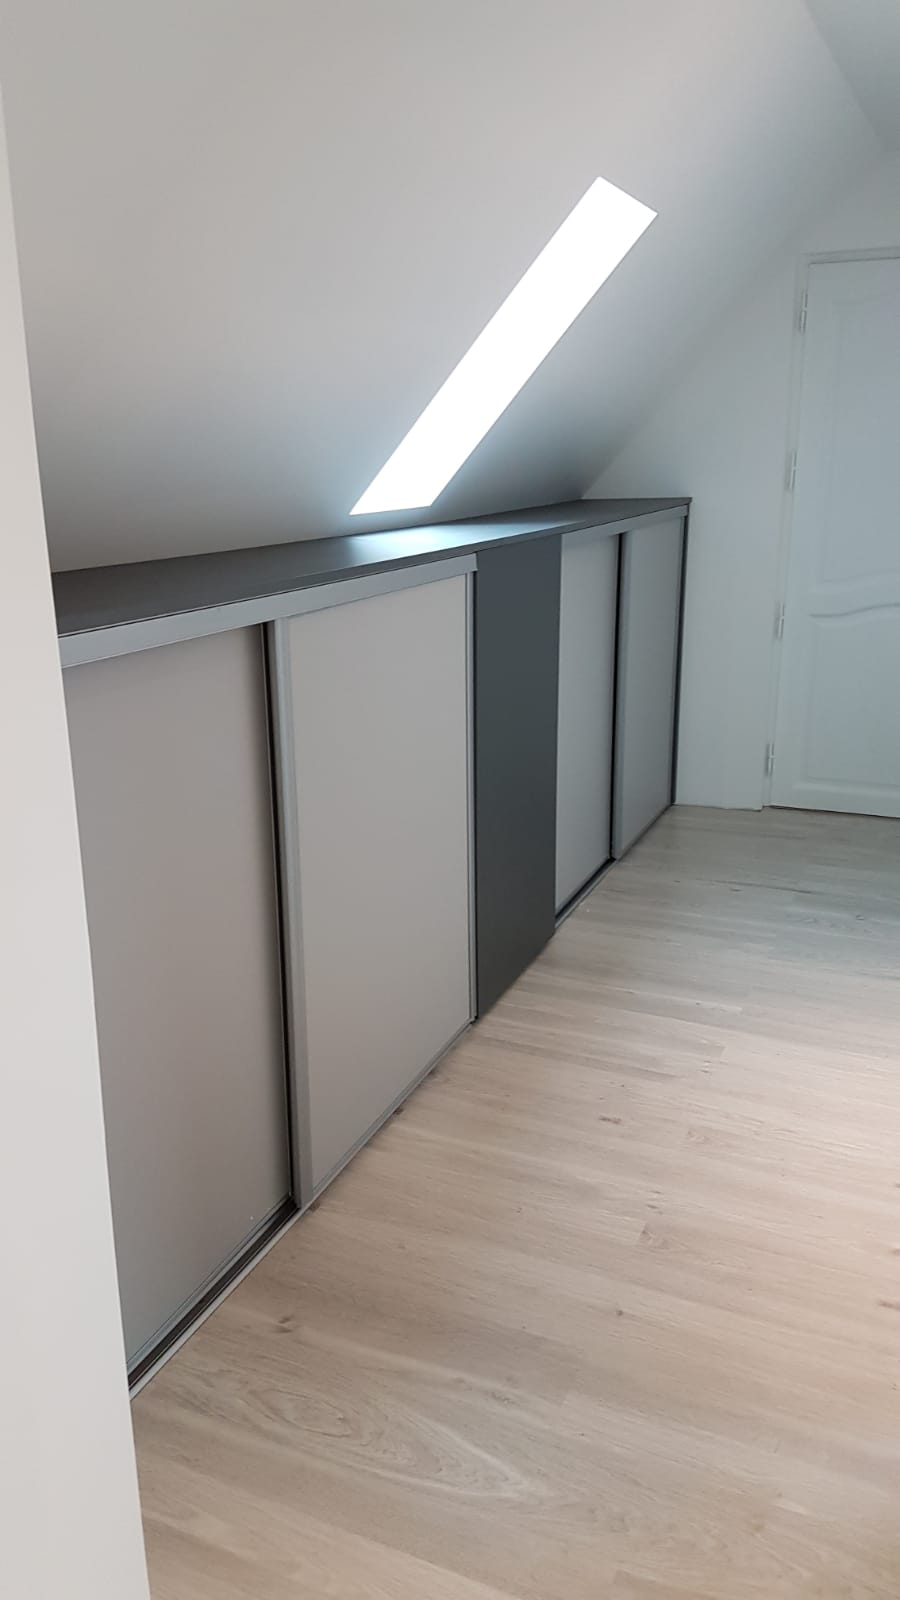 Amenagement Placard Sous Pente meuble bas avec porte coulissante sous la pente - kiosque